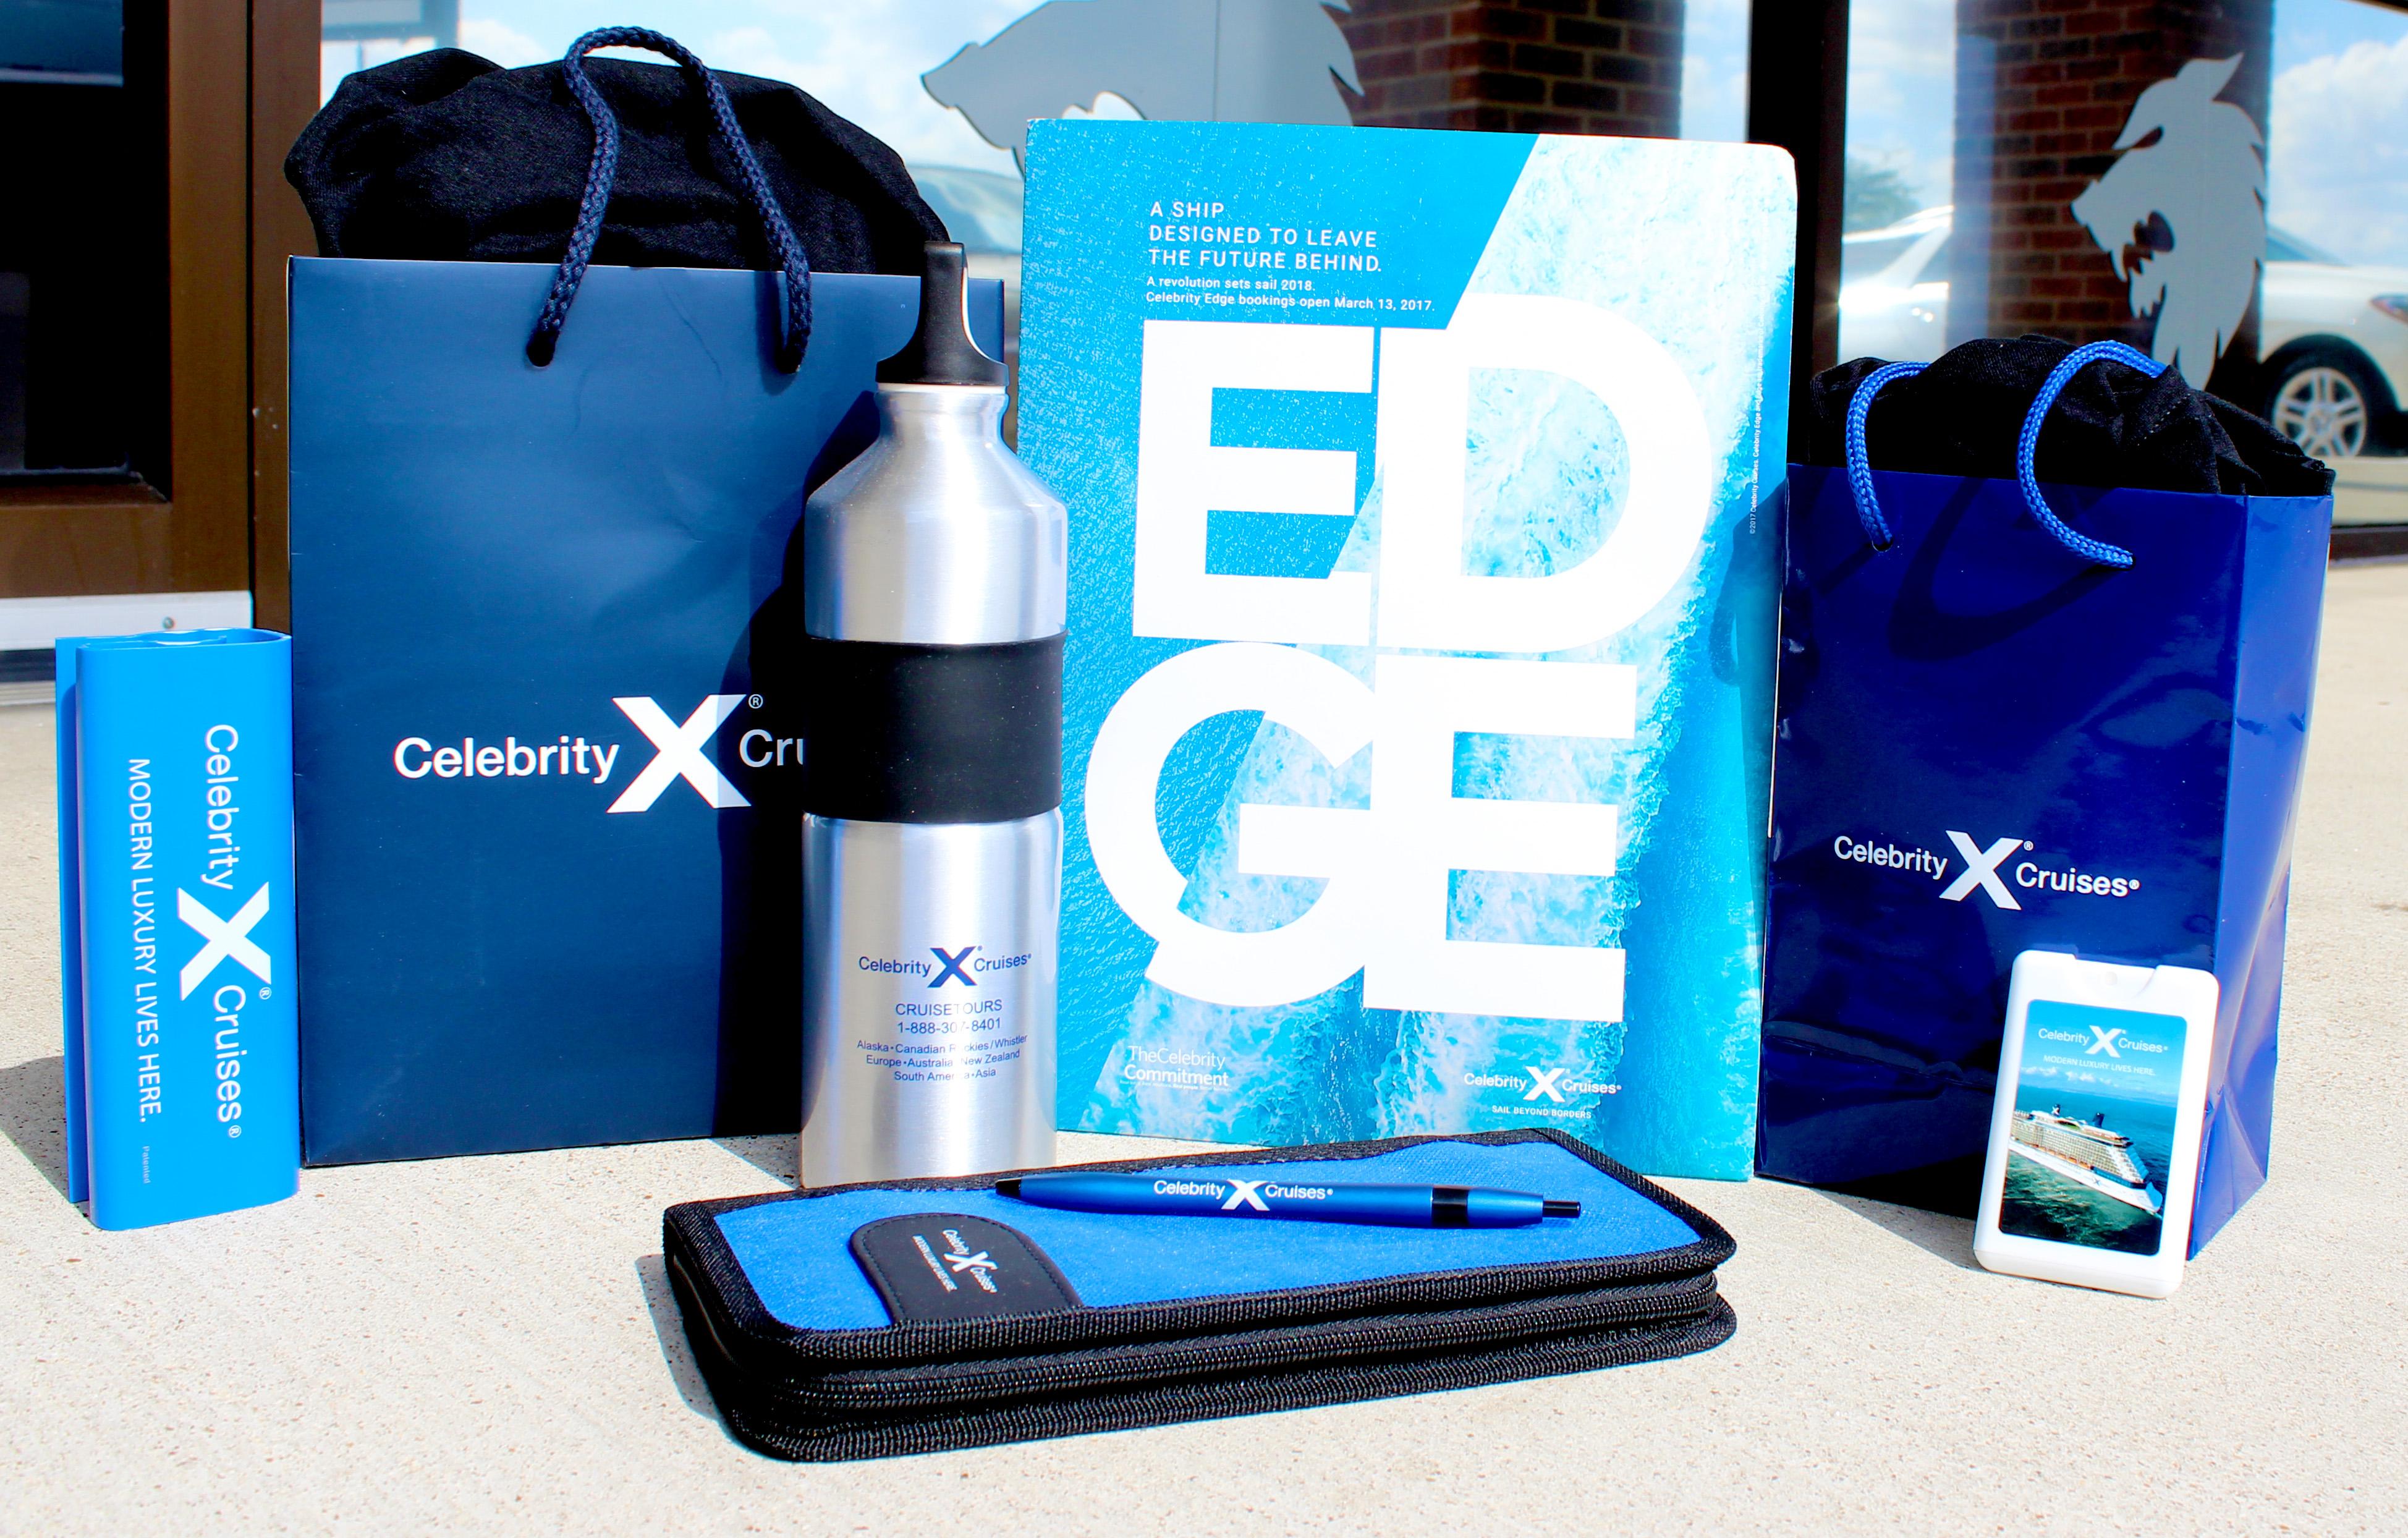 Celebrity Cruises | Edge Branding